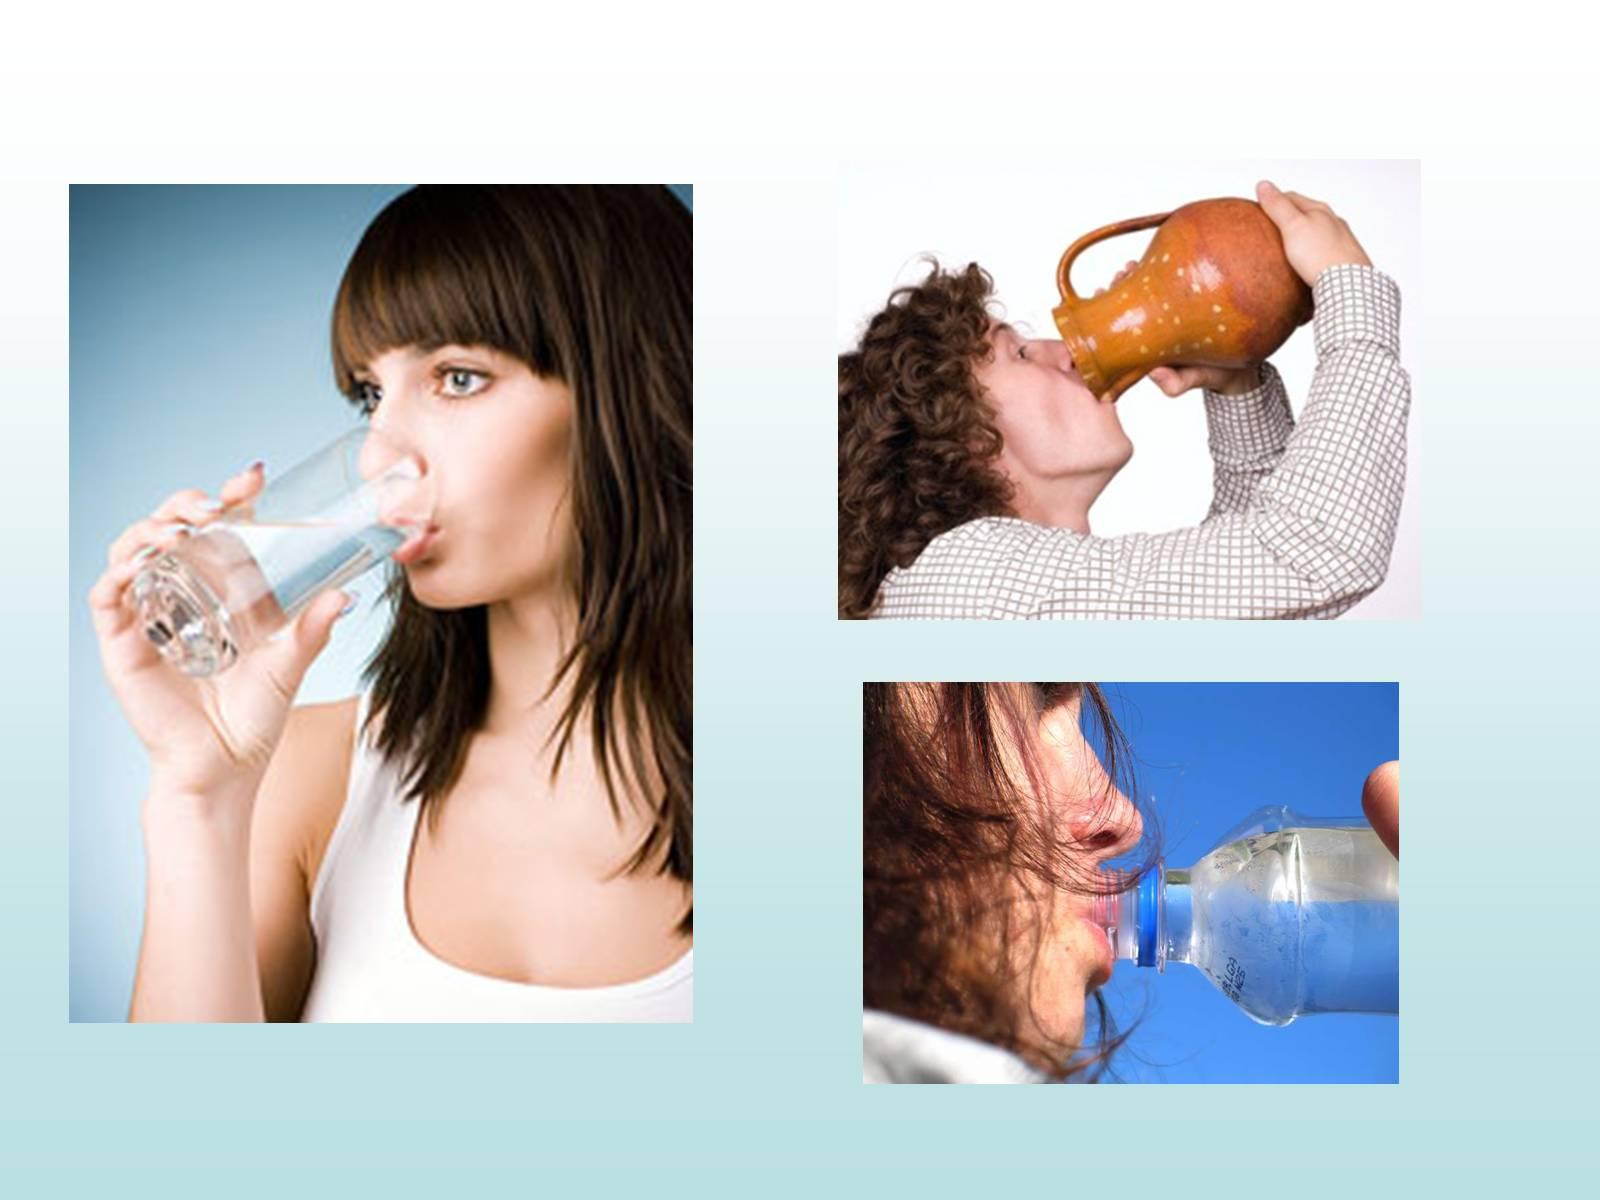 Несахарный диабет у ребенка: причины, симптомы, диагностика, лечение | заболевания | vpolozhenii.com